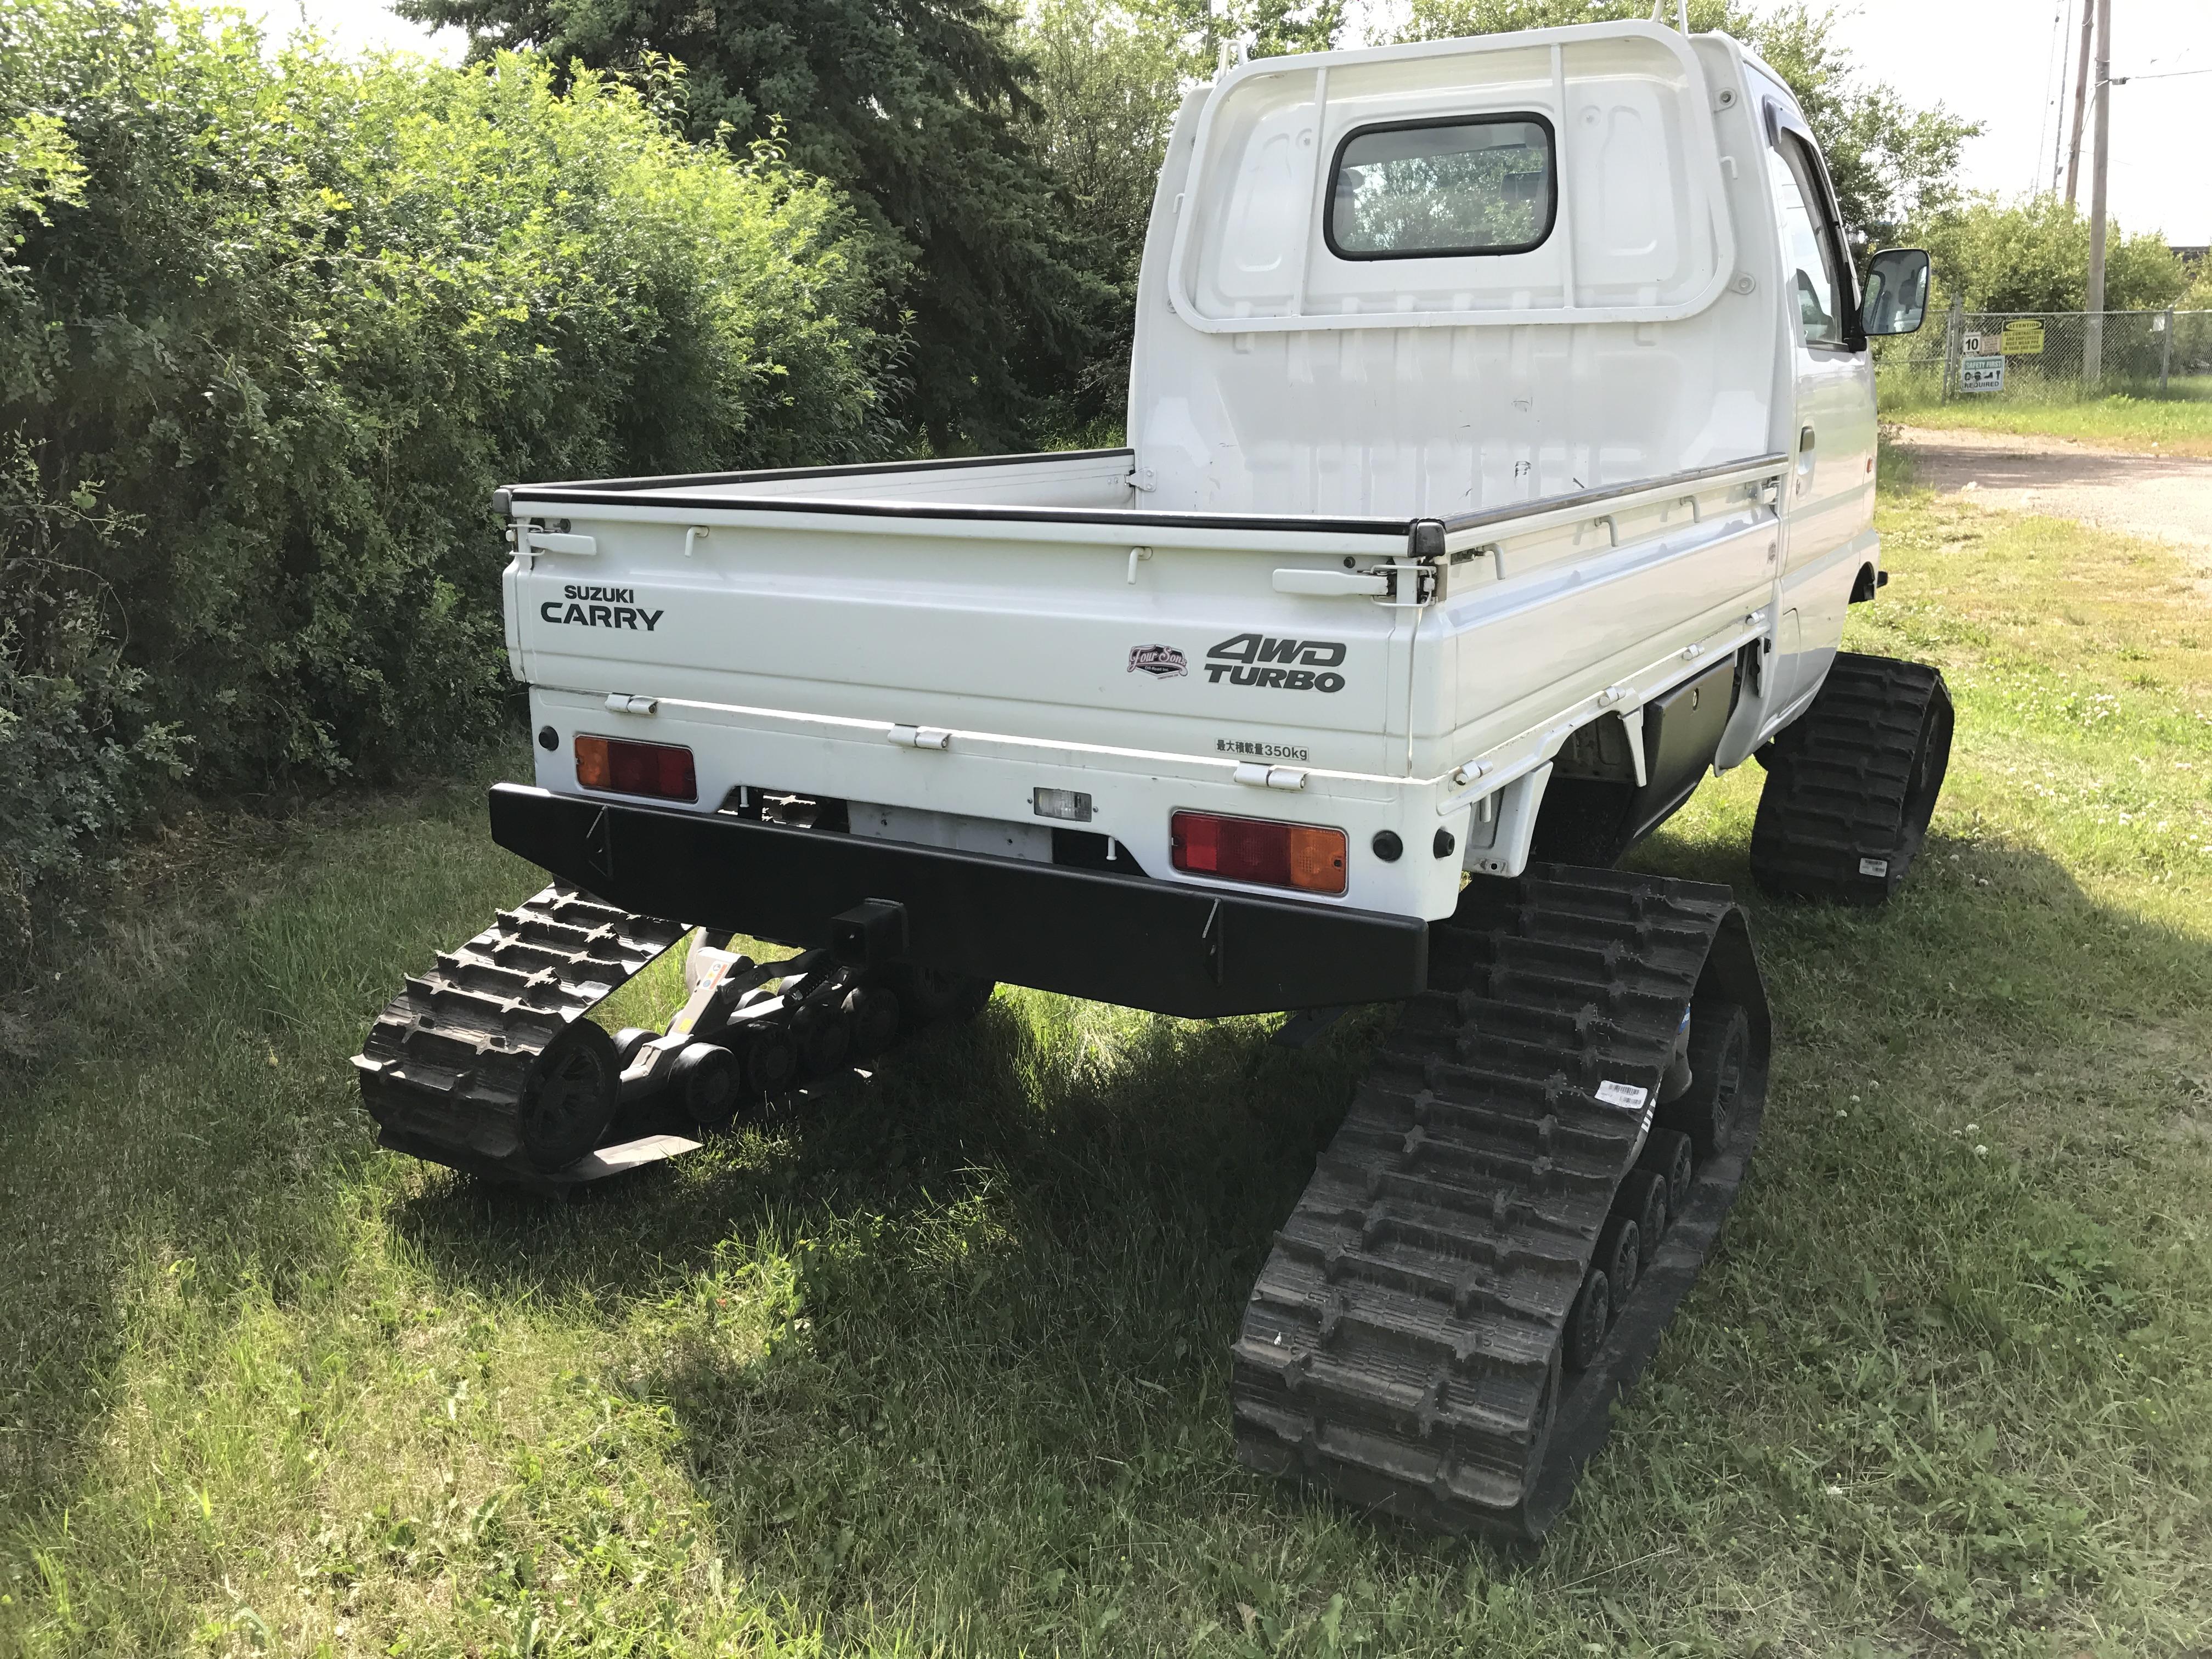 1999 Suzuki Carry w/ Gen 1 Bumper